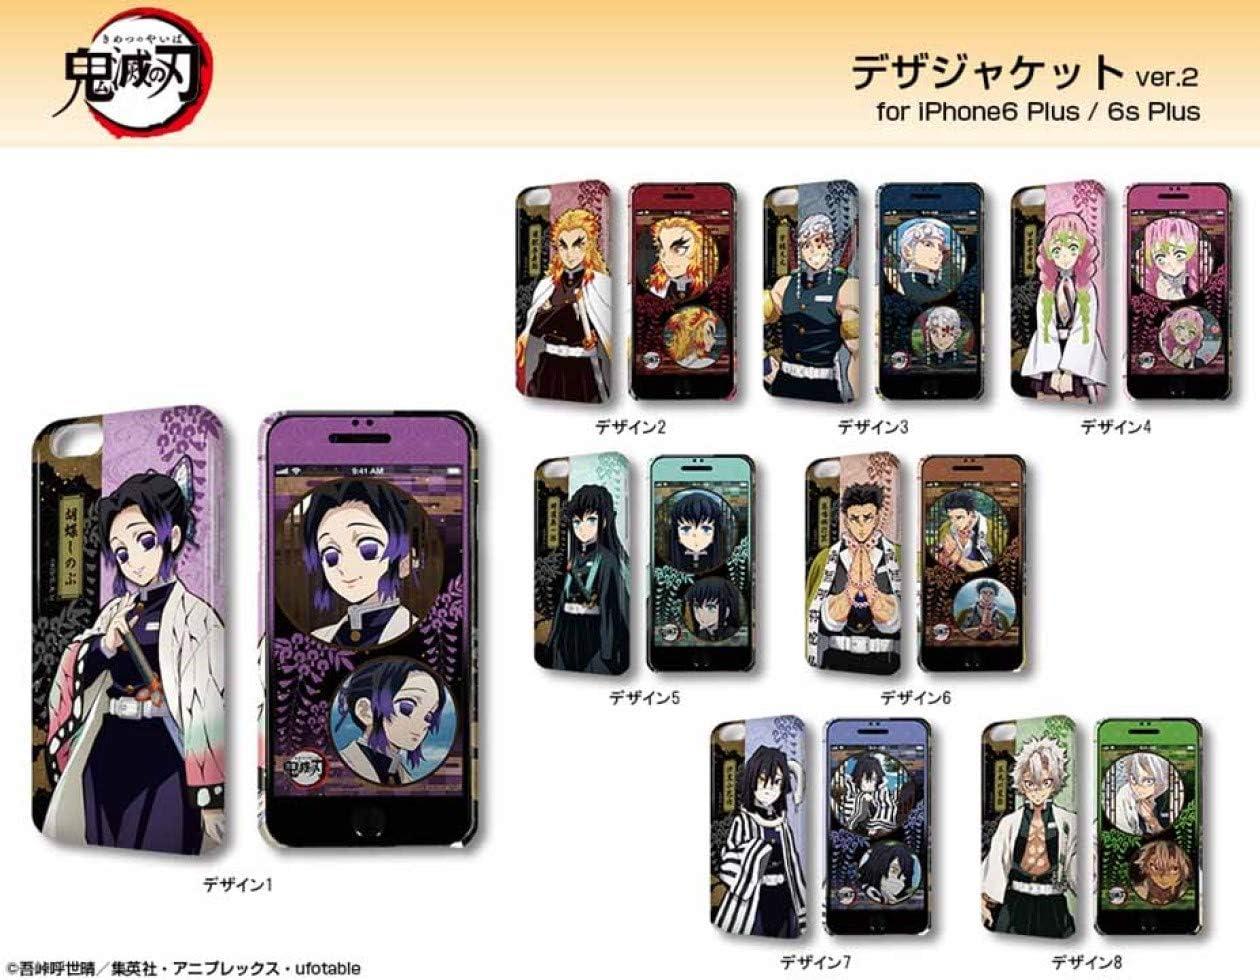 鬼滅の刃 iPhone 6 Plus/6s Plusケース&保護シート Ver.2 デザイン07(伊黒小芭内)